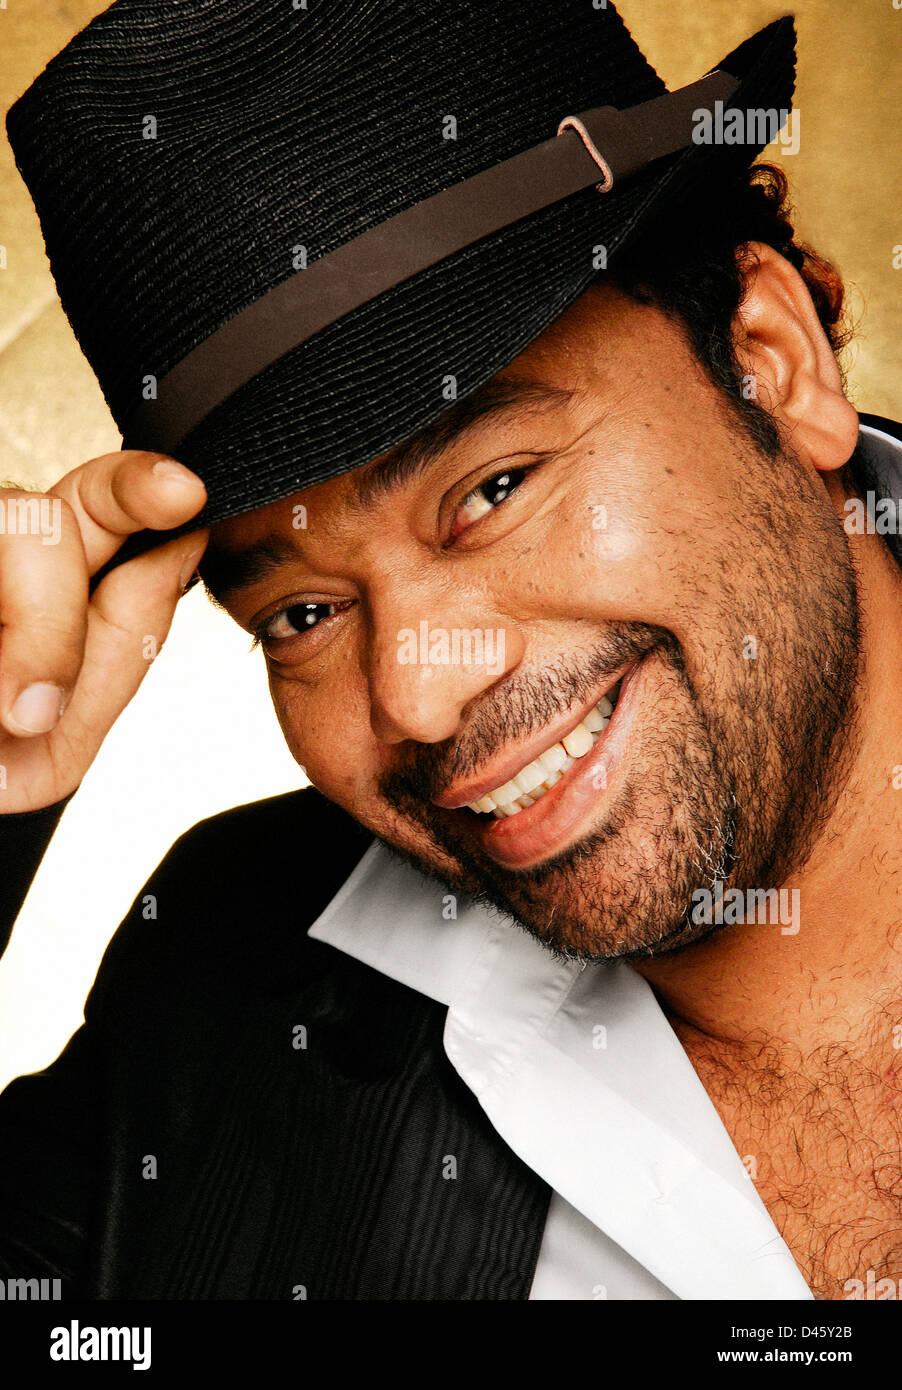 Paulo flores angolano cantante celebrità Immagini Stock